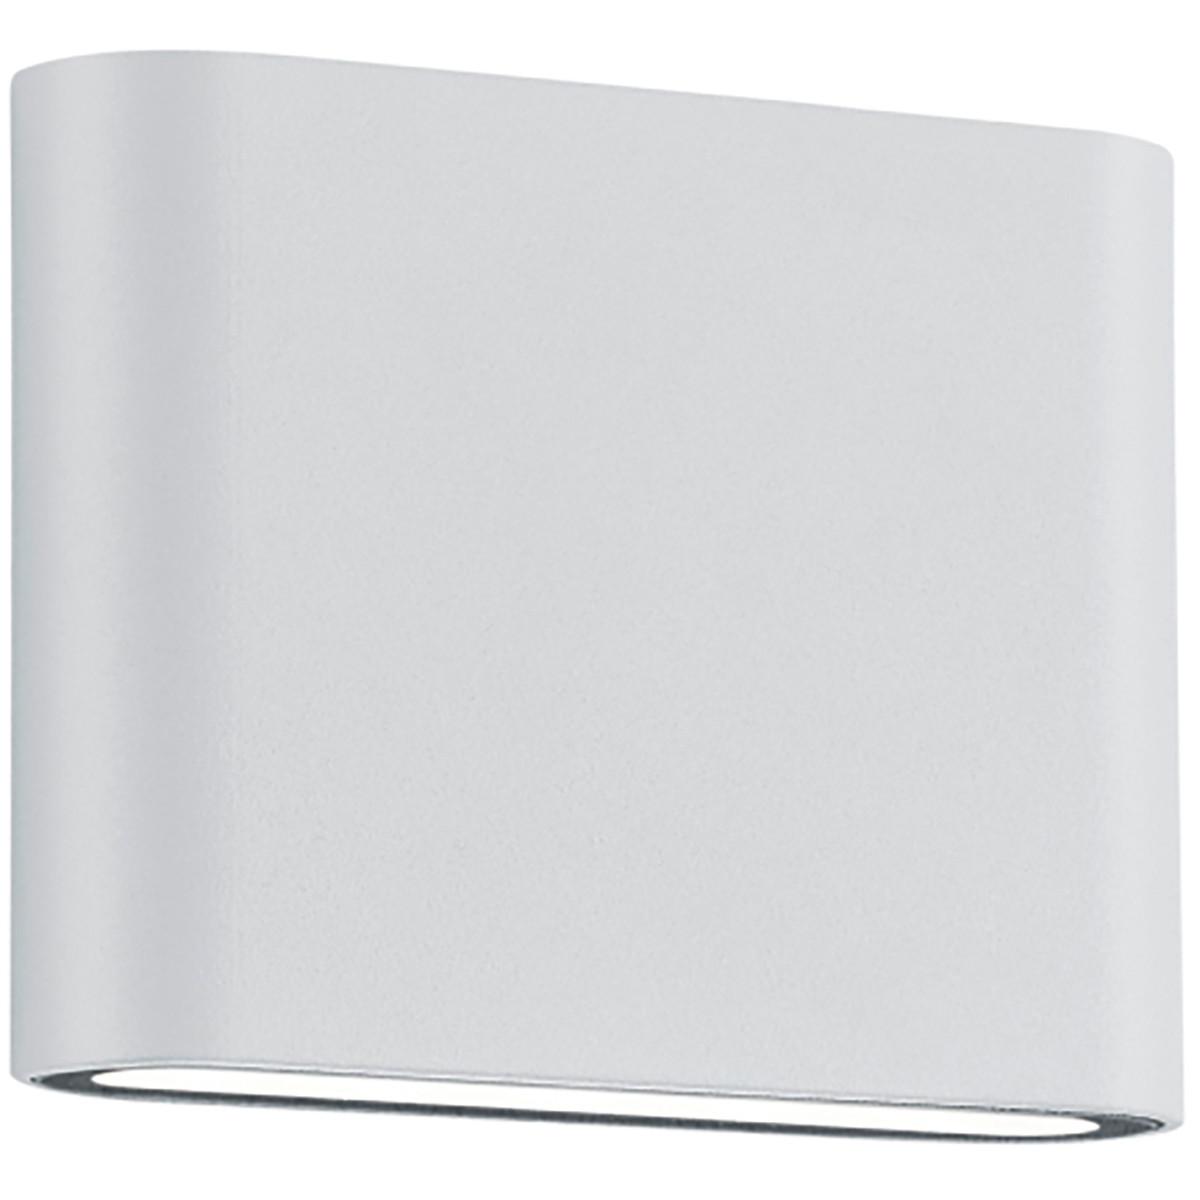 LED Tuinverlichting - Tuinlamp - Trion Thino - Wand - 4W - Mat Wit - Aluminium